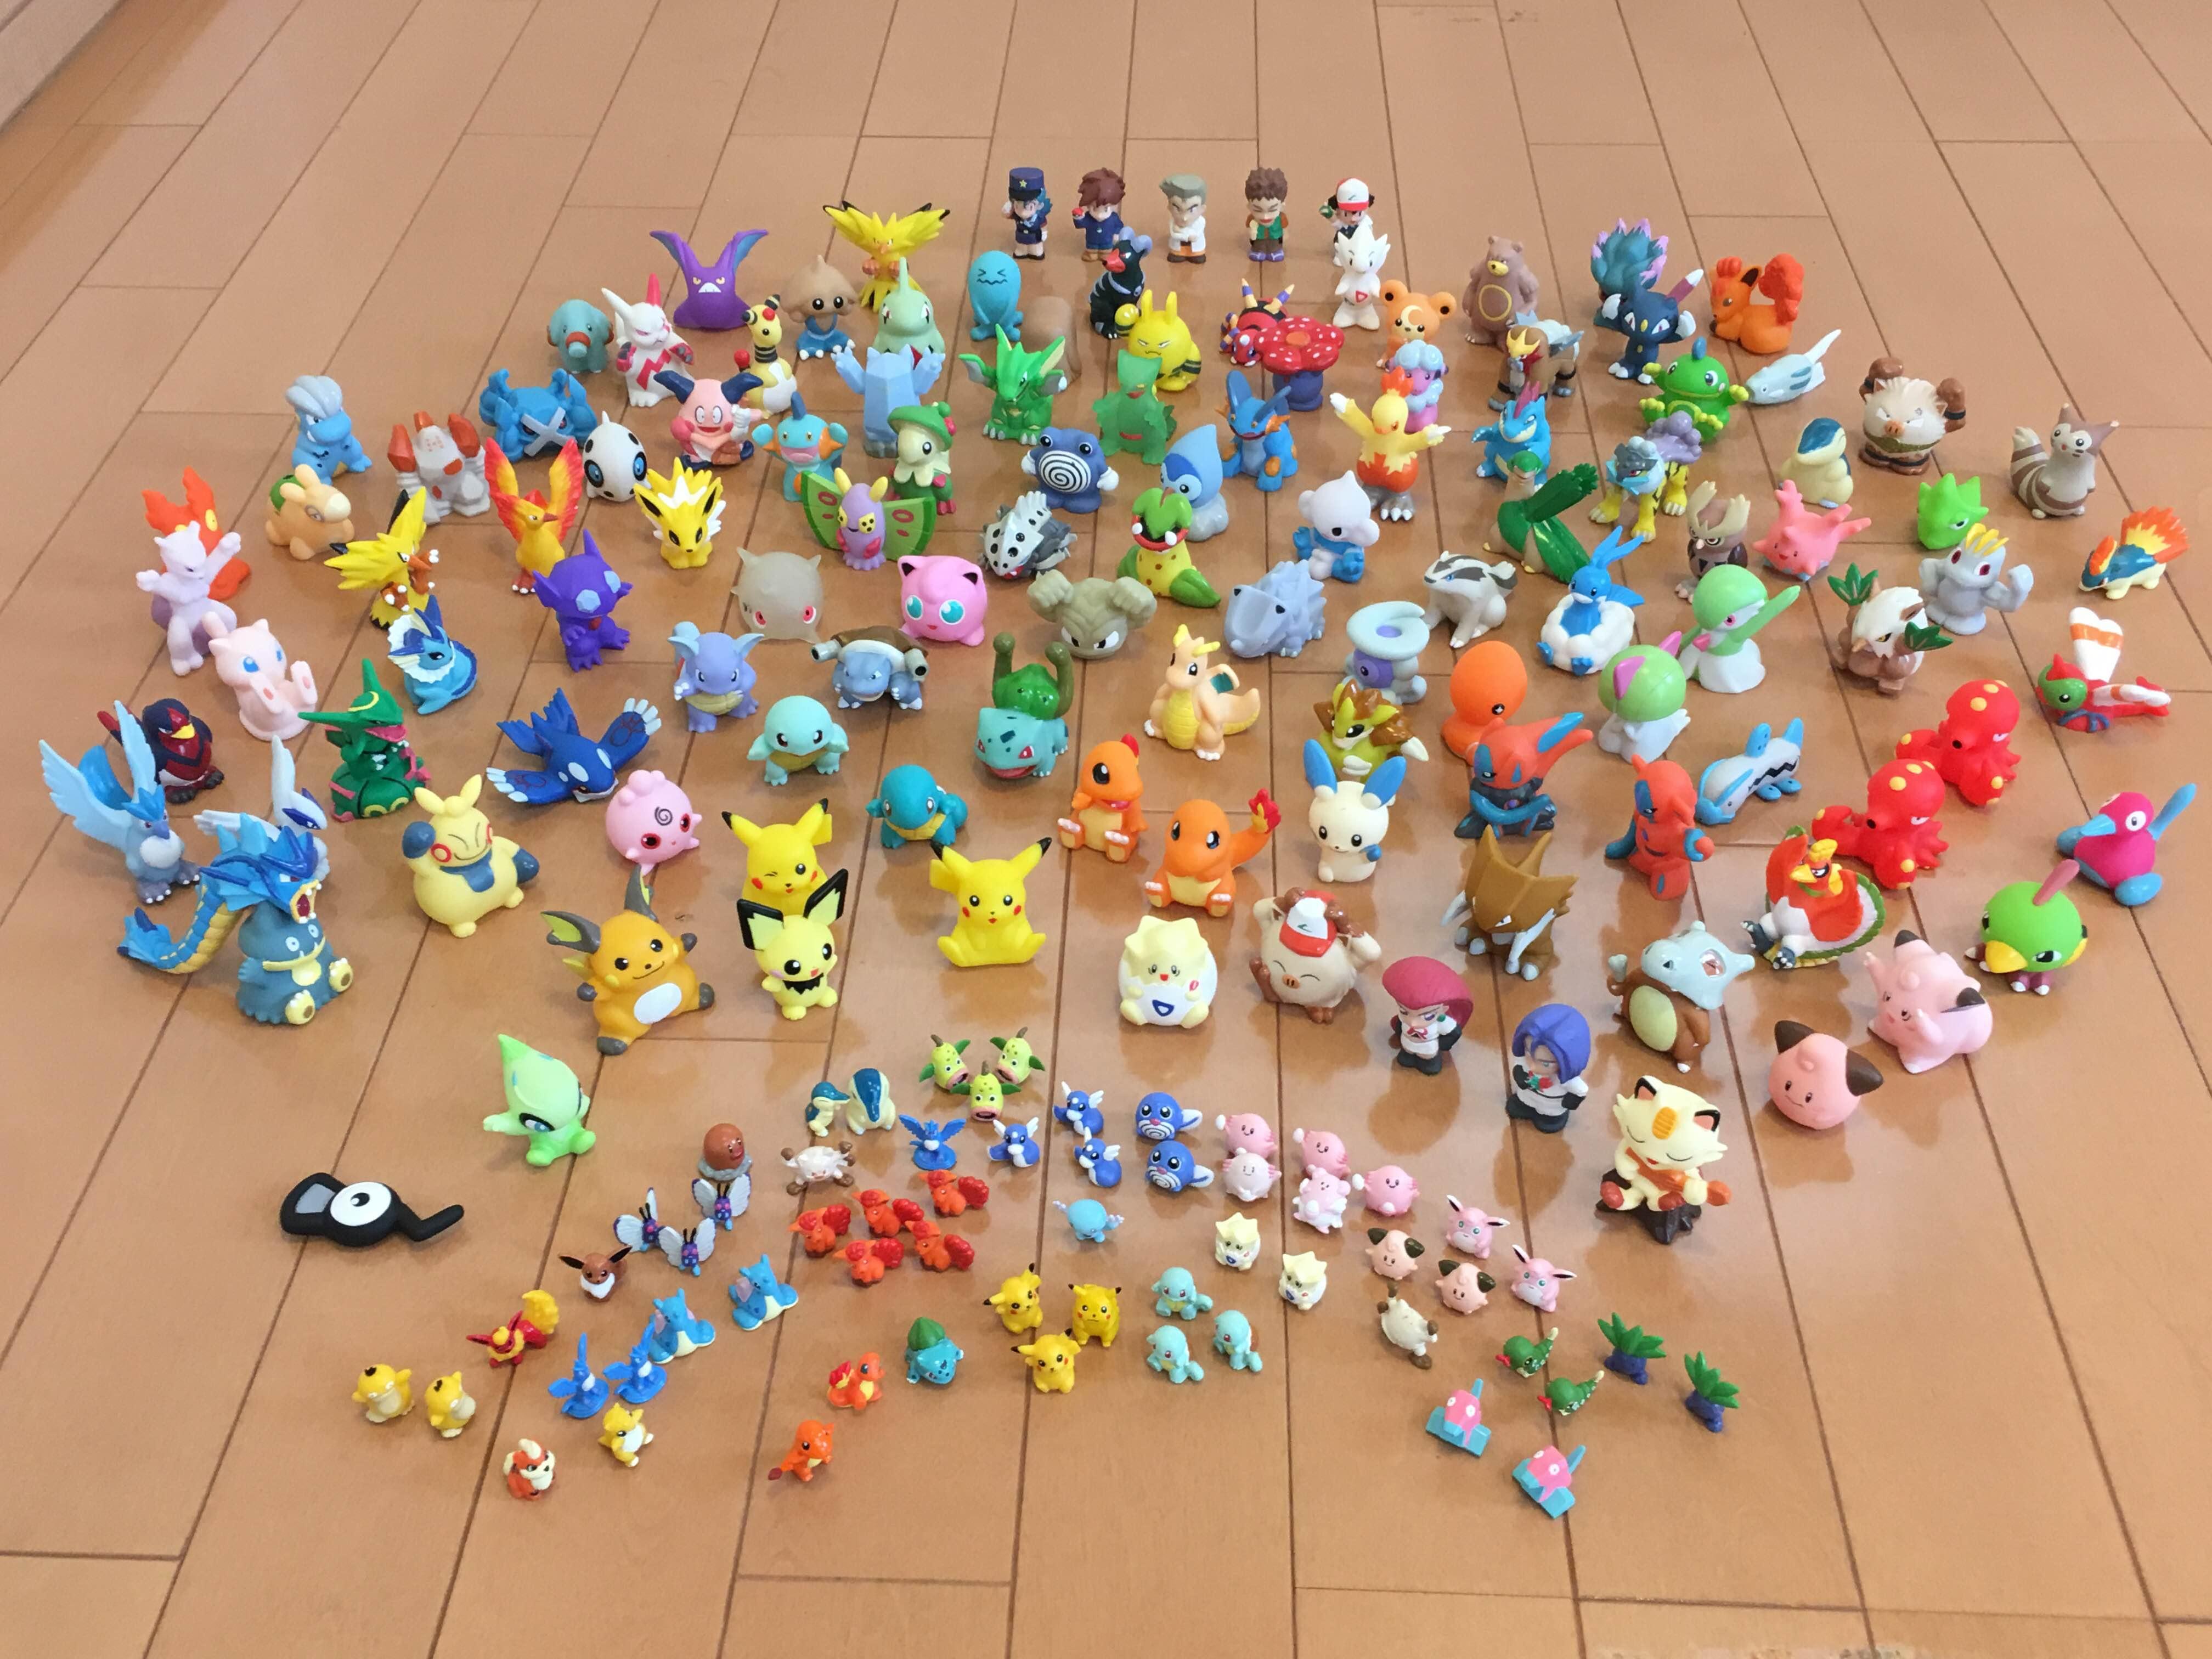 メルカリ - ポケモンおもちゃ詰め合わせ 【おもちゃ/人形】 (¥1,000